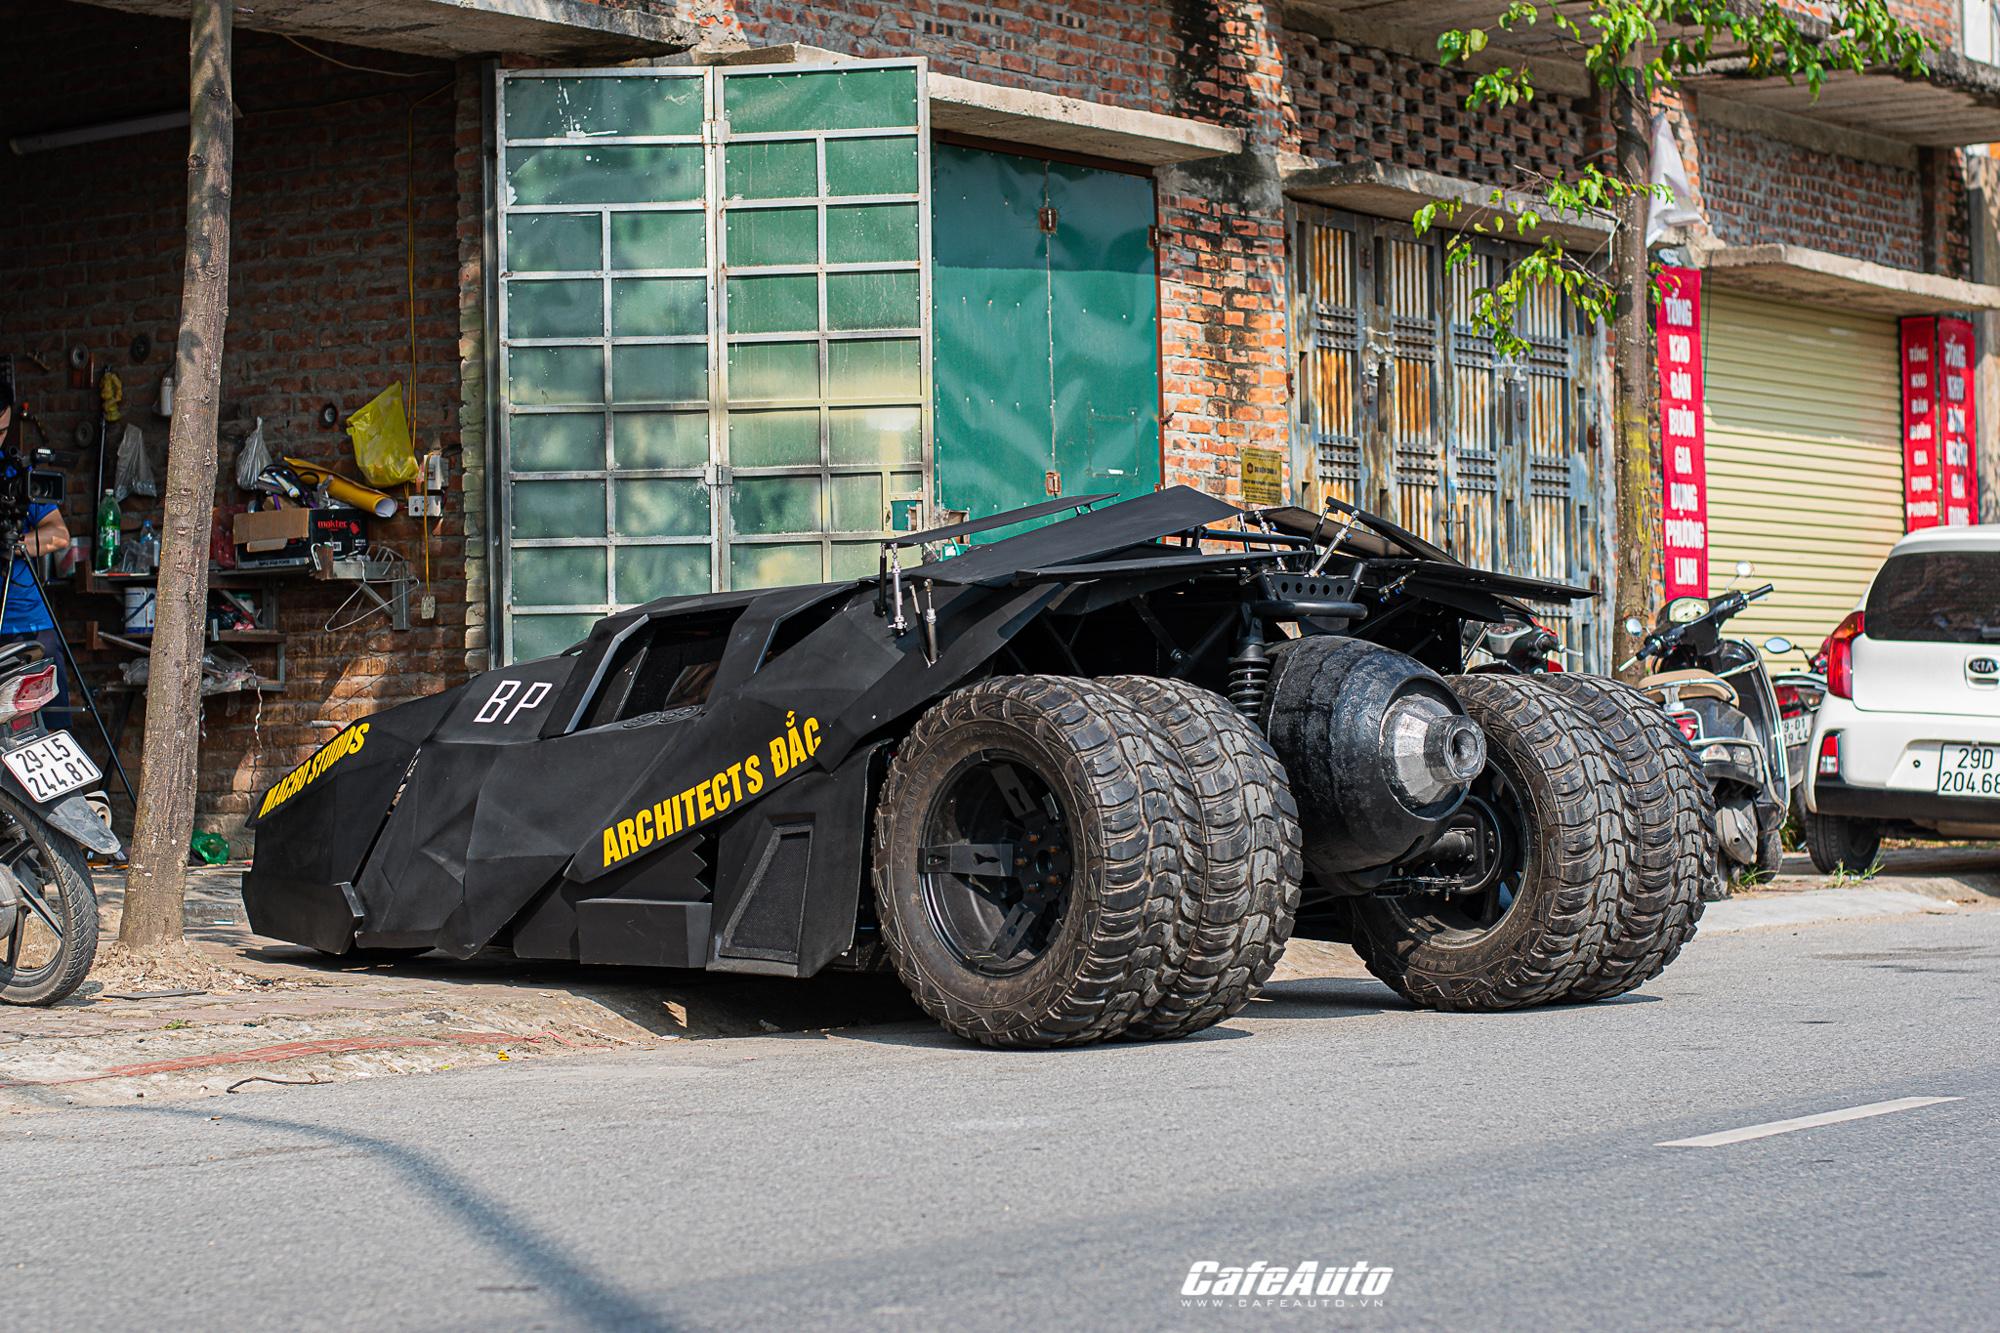 batmobiletuche-cafeautovn-22